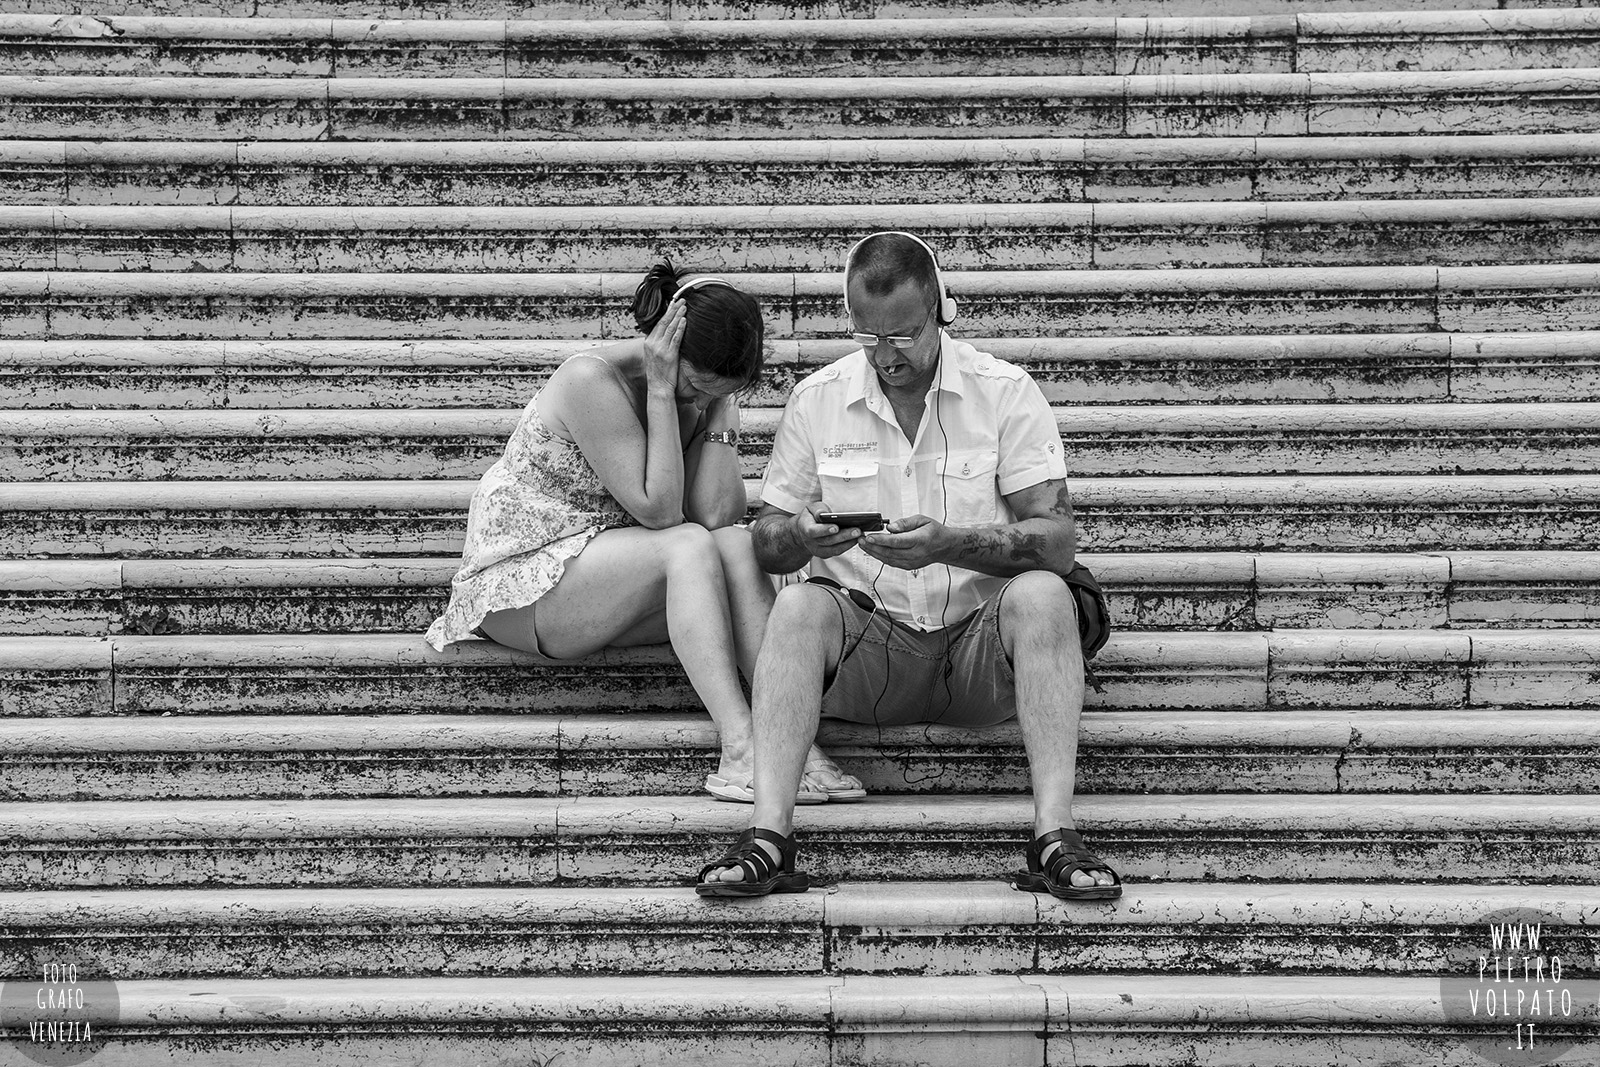 Fotografo professionista conduce corsi di fotografia e workshop foto personalizzati e individuali a Venezia durante una passeggiata